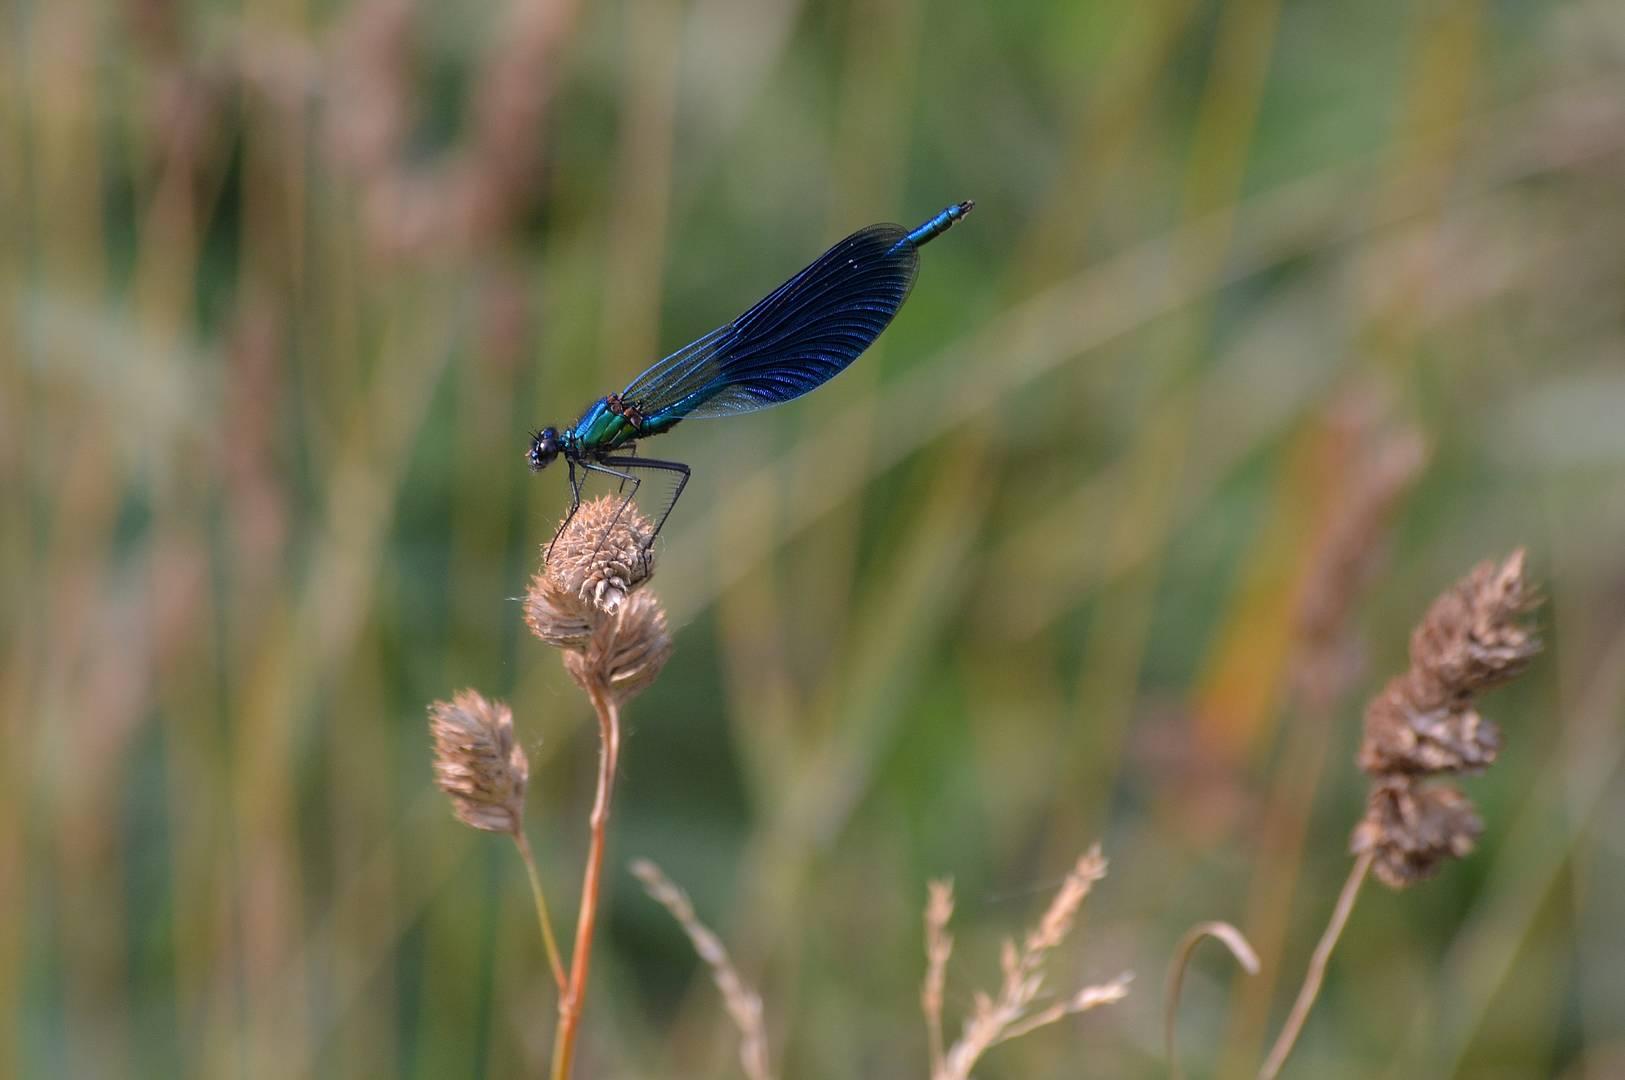 Blue libeller